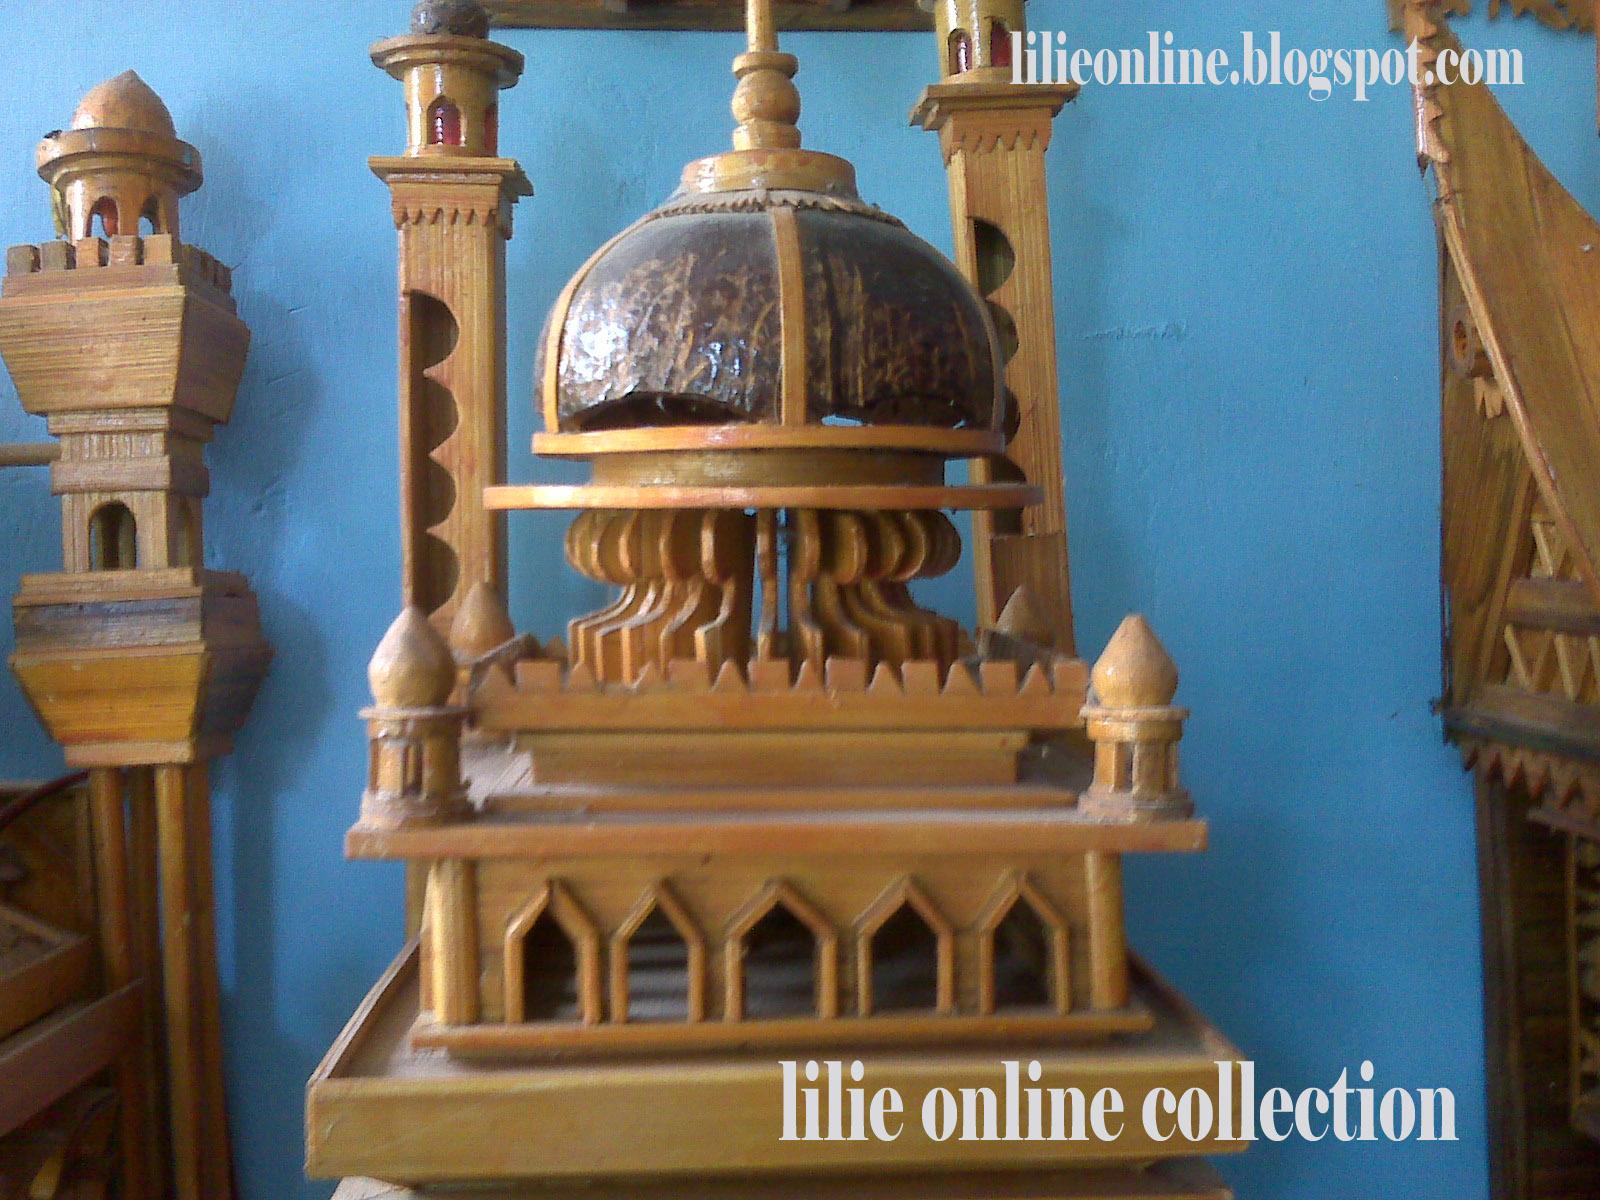 Spesifikasi produk lampu dinding model masjid kami adalah :